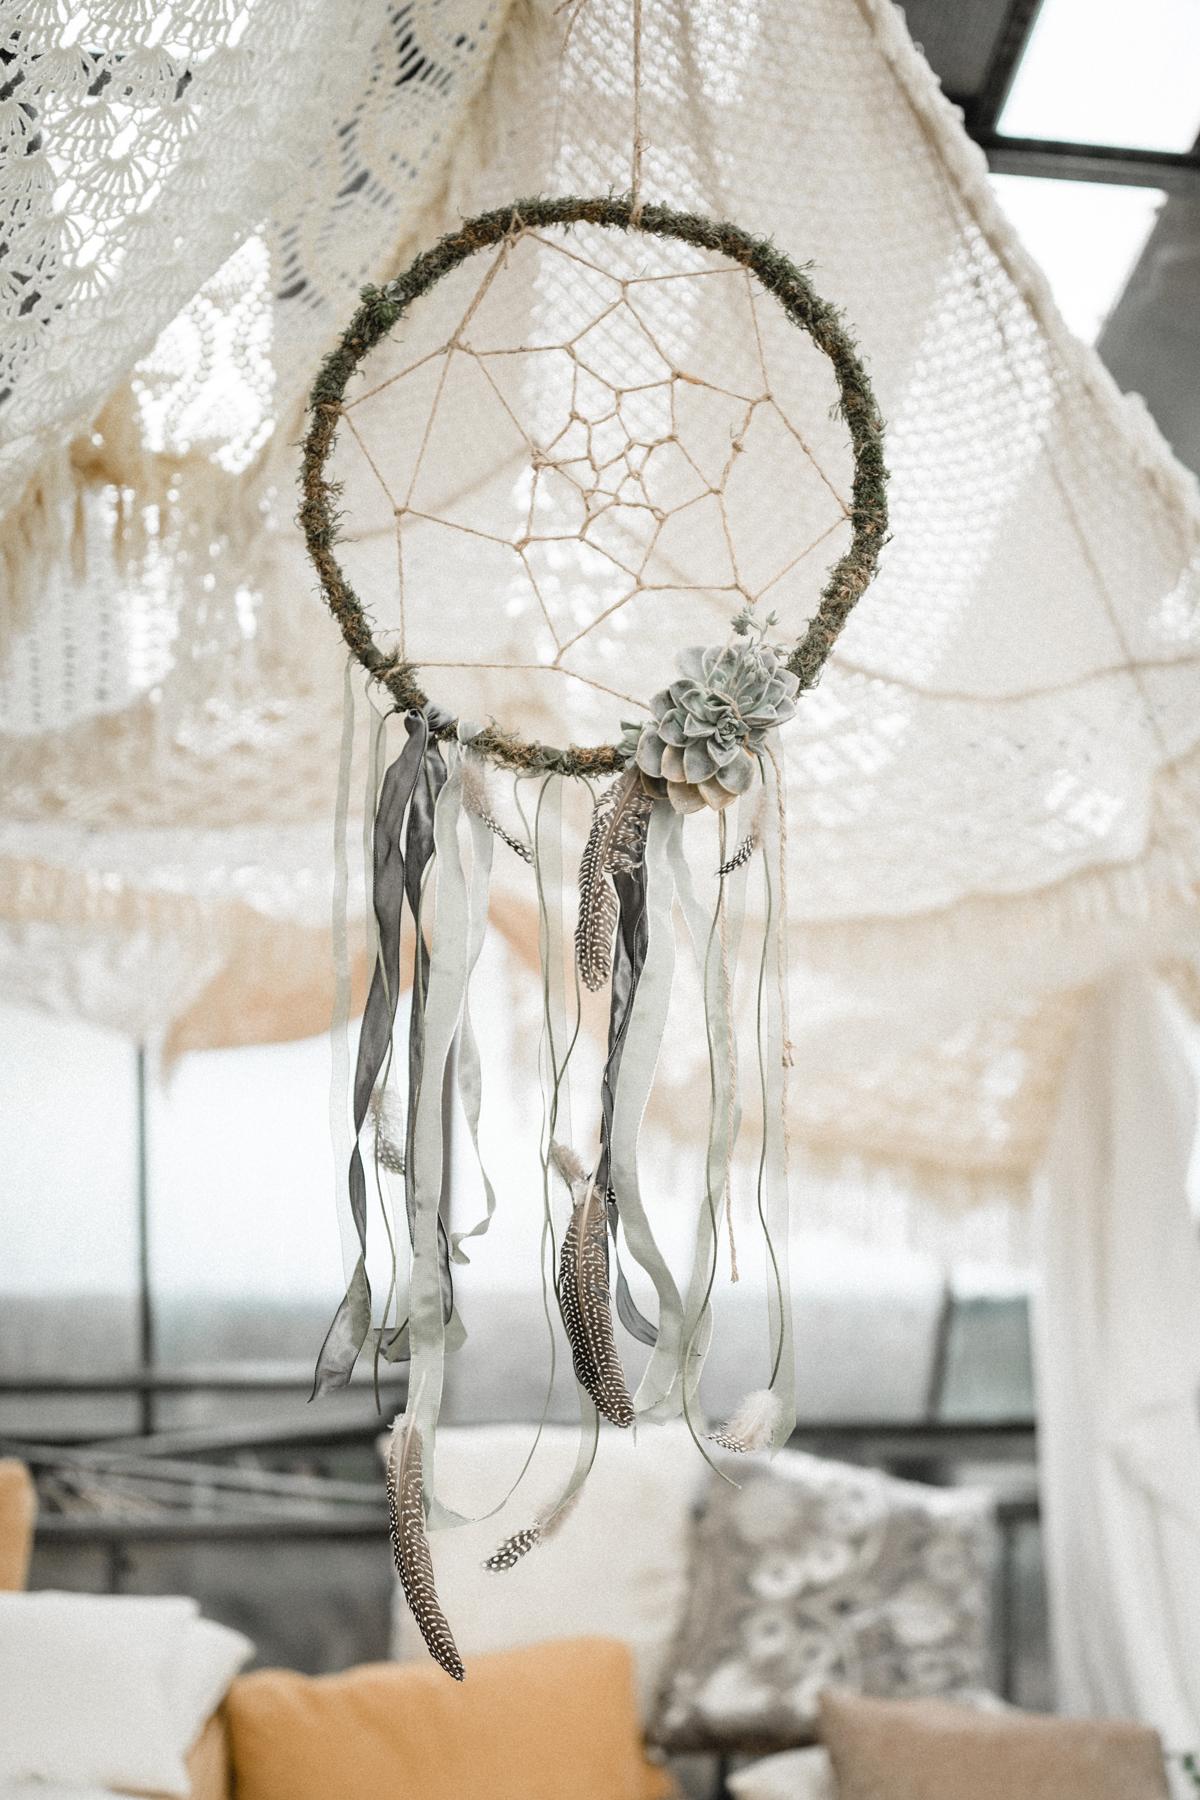 Andreas_Nusch_Hochzeitsfotografie_Brautshooting_2017_JA-Hochzeitsshop_0067